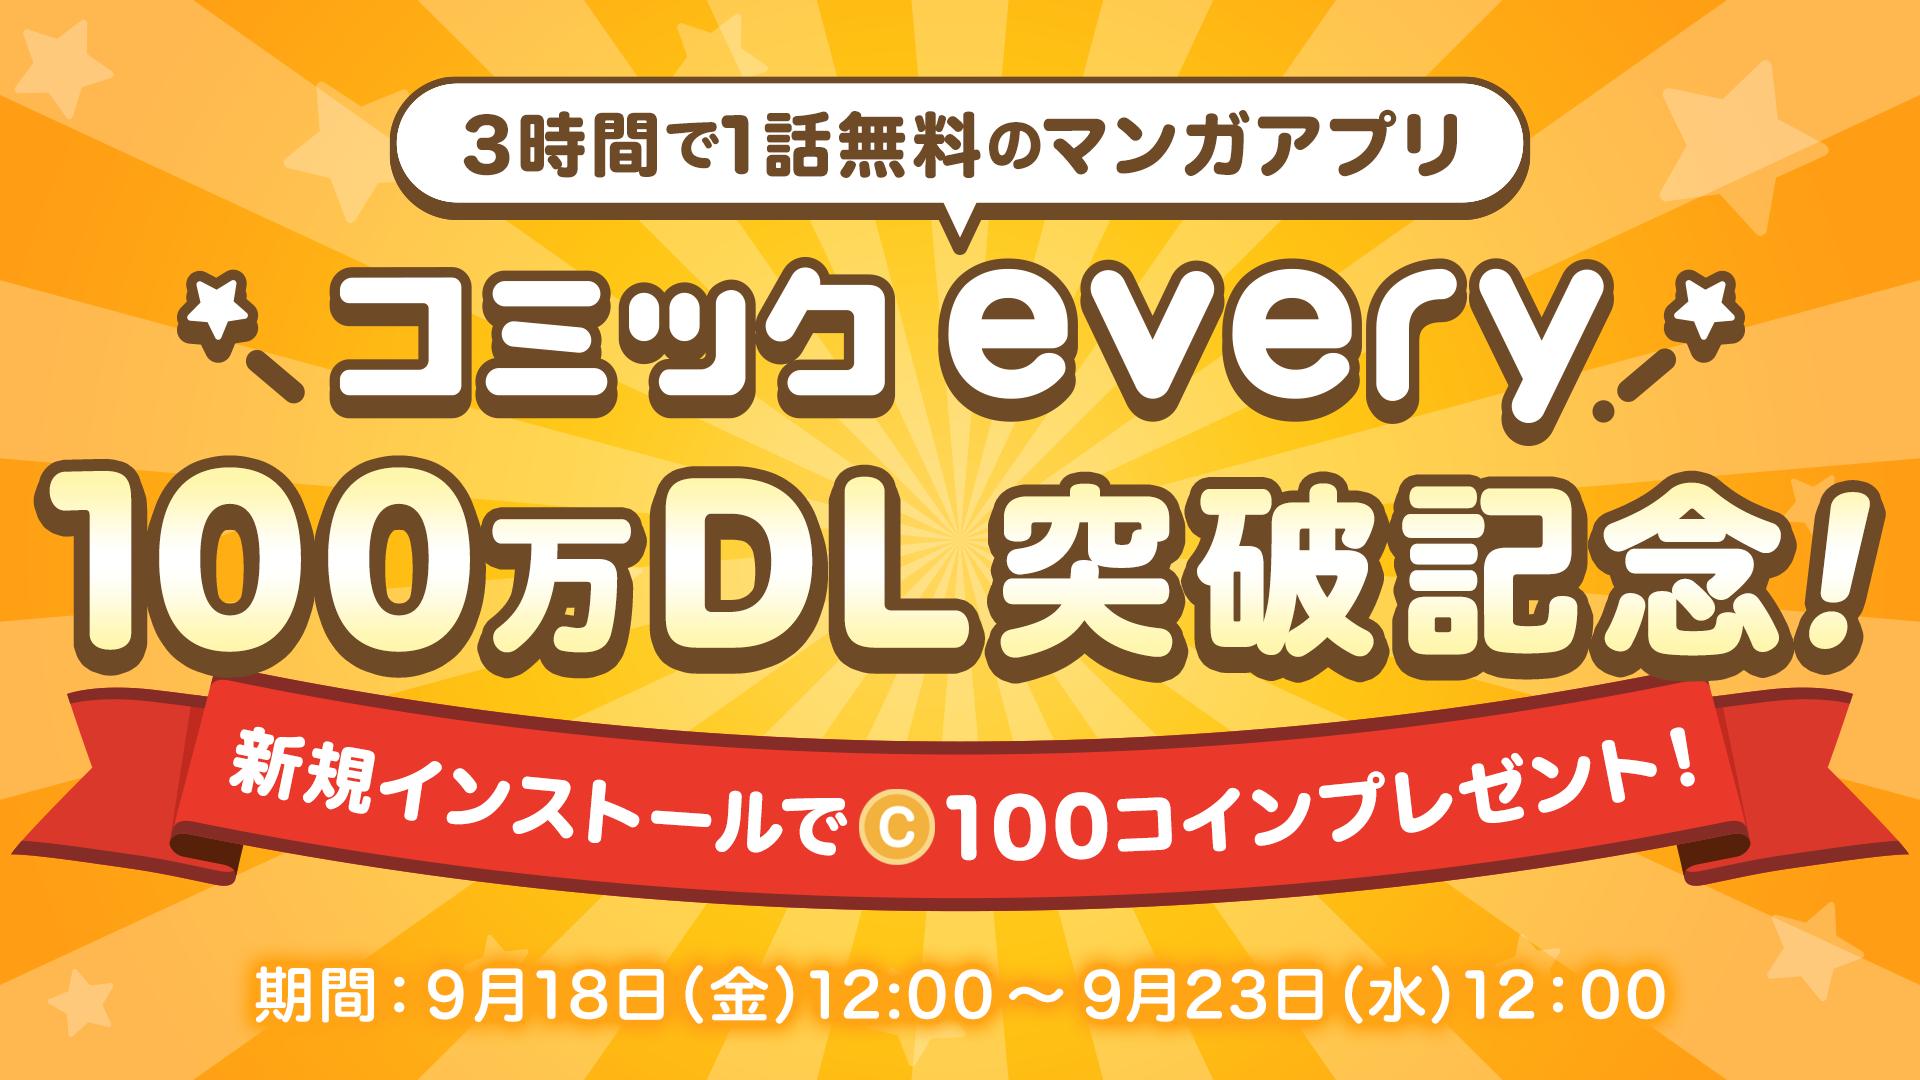 3時間で1話無料のマンガアプリ『コミックevery』100万DL突破記念!新規インストールで100コインプレゼント!